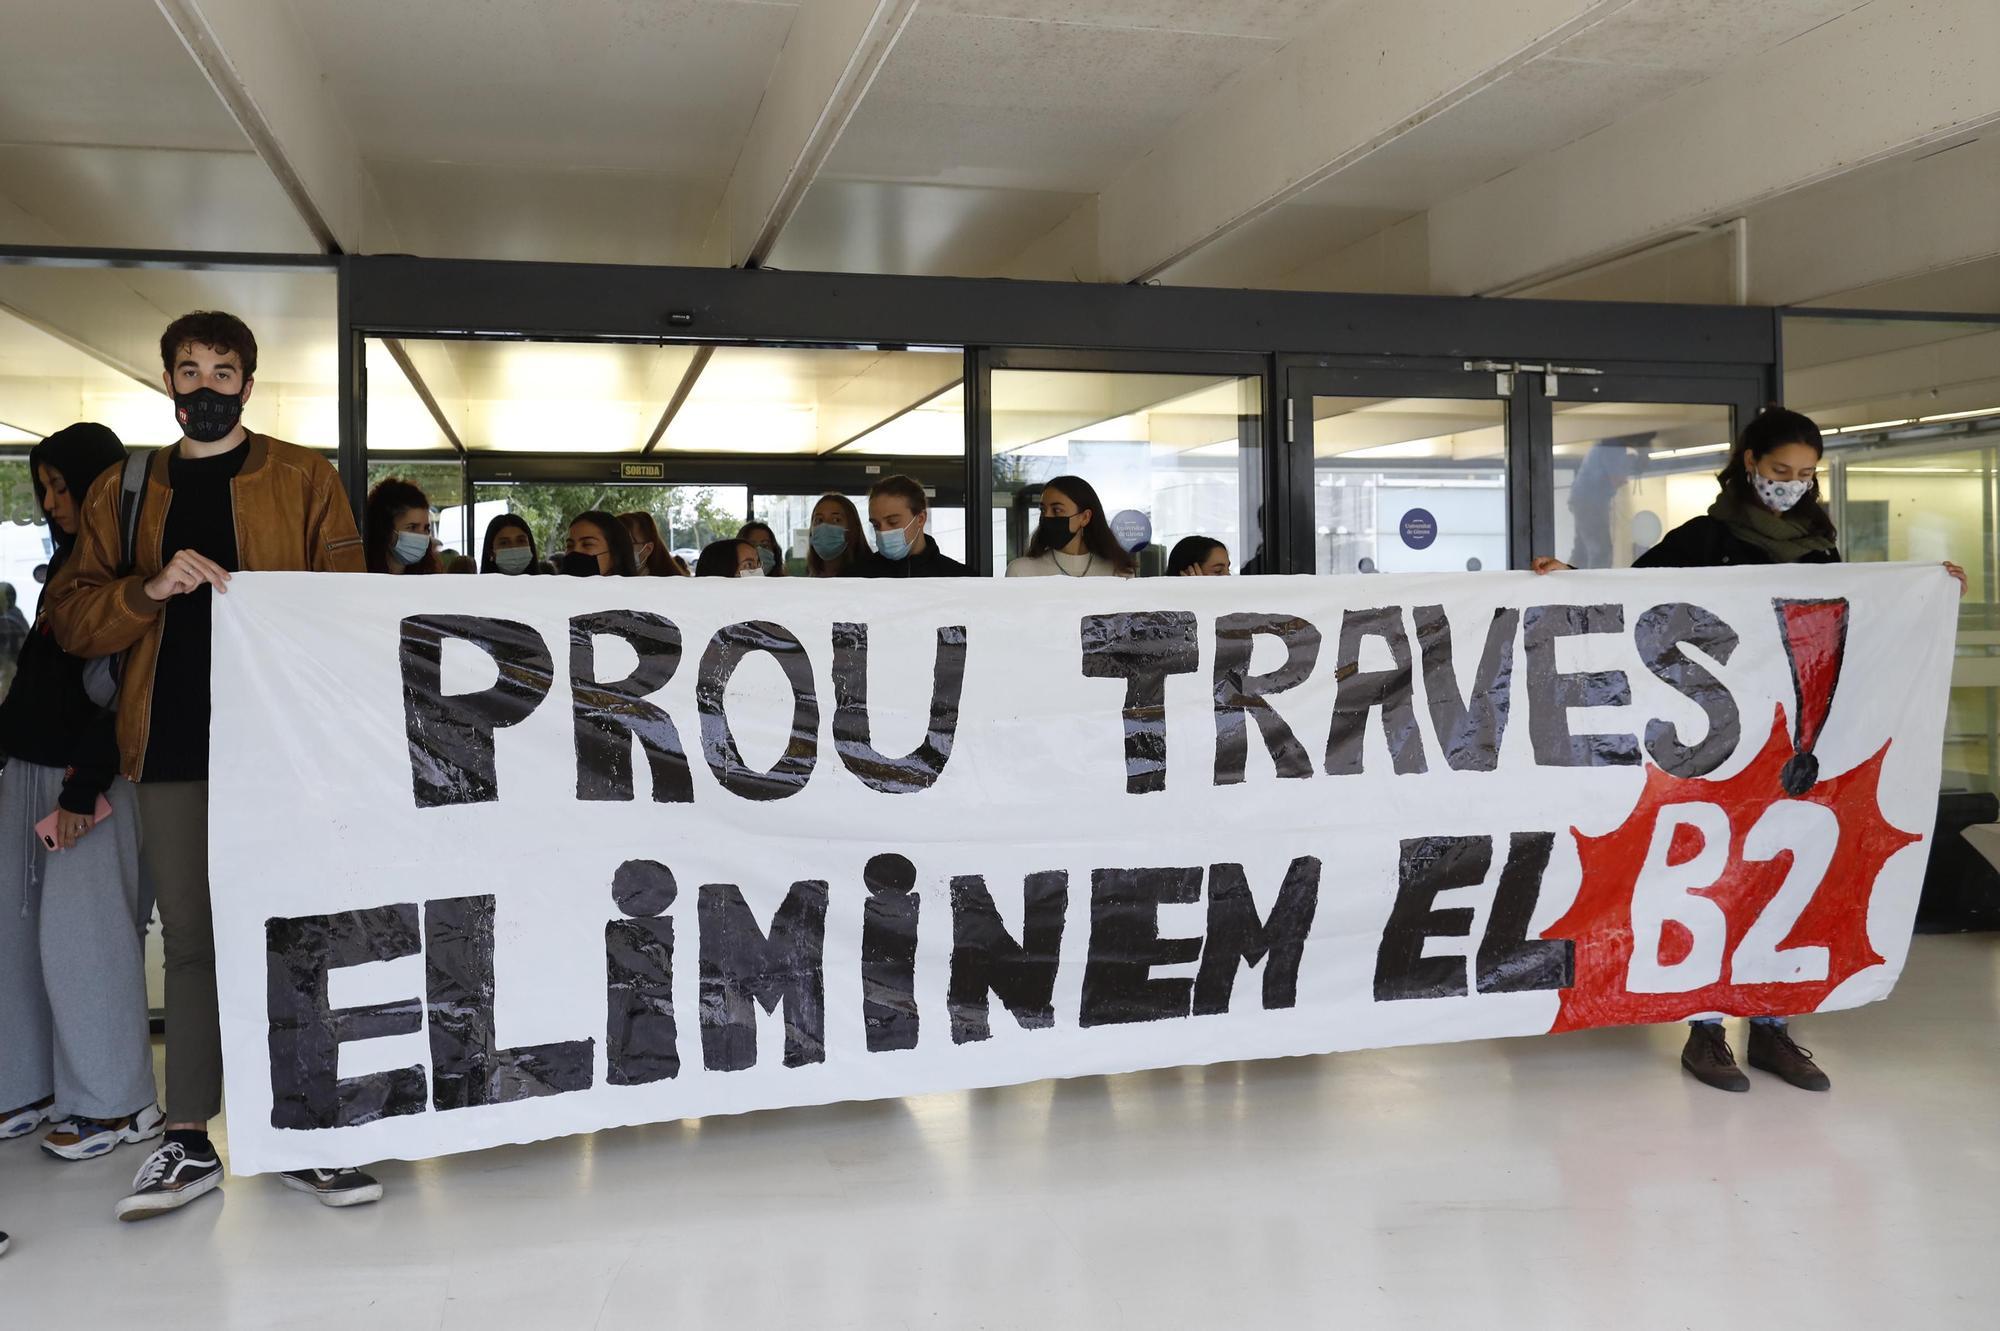 Nova protesta contra l'obligatorietat de la tercera llengua a la UdG